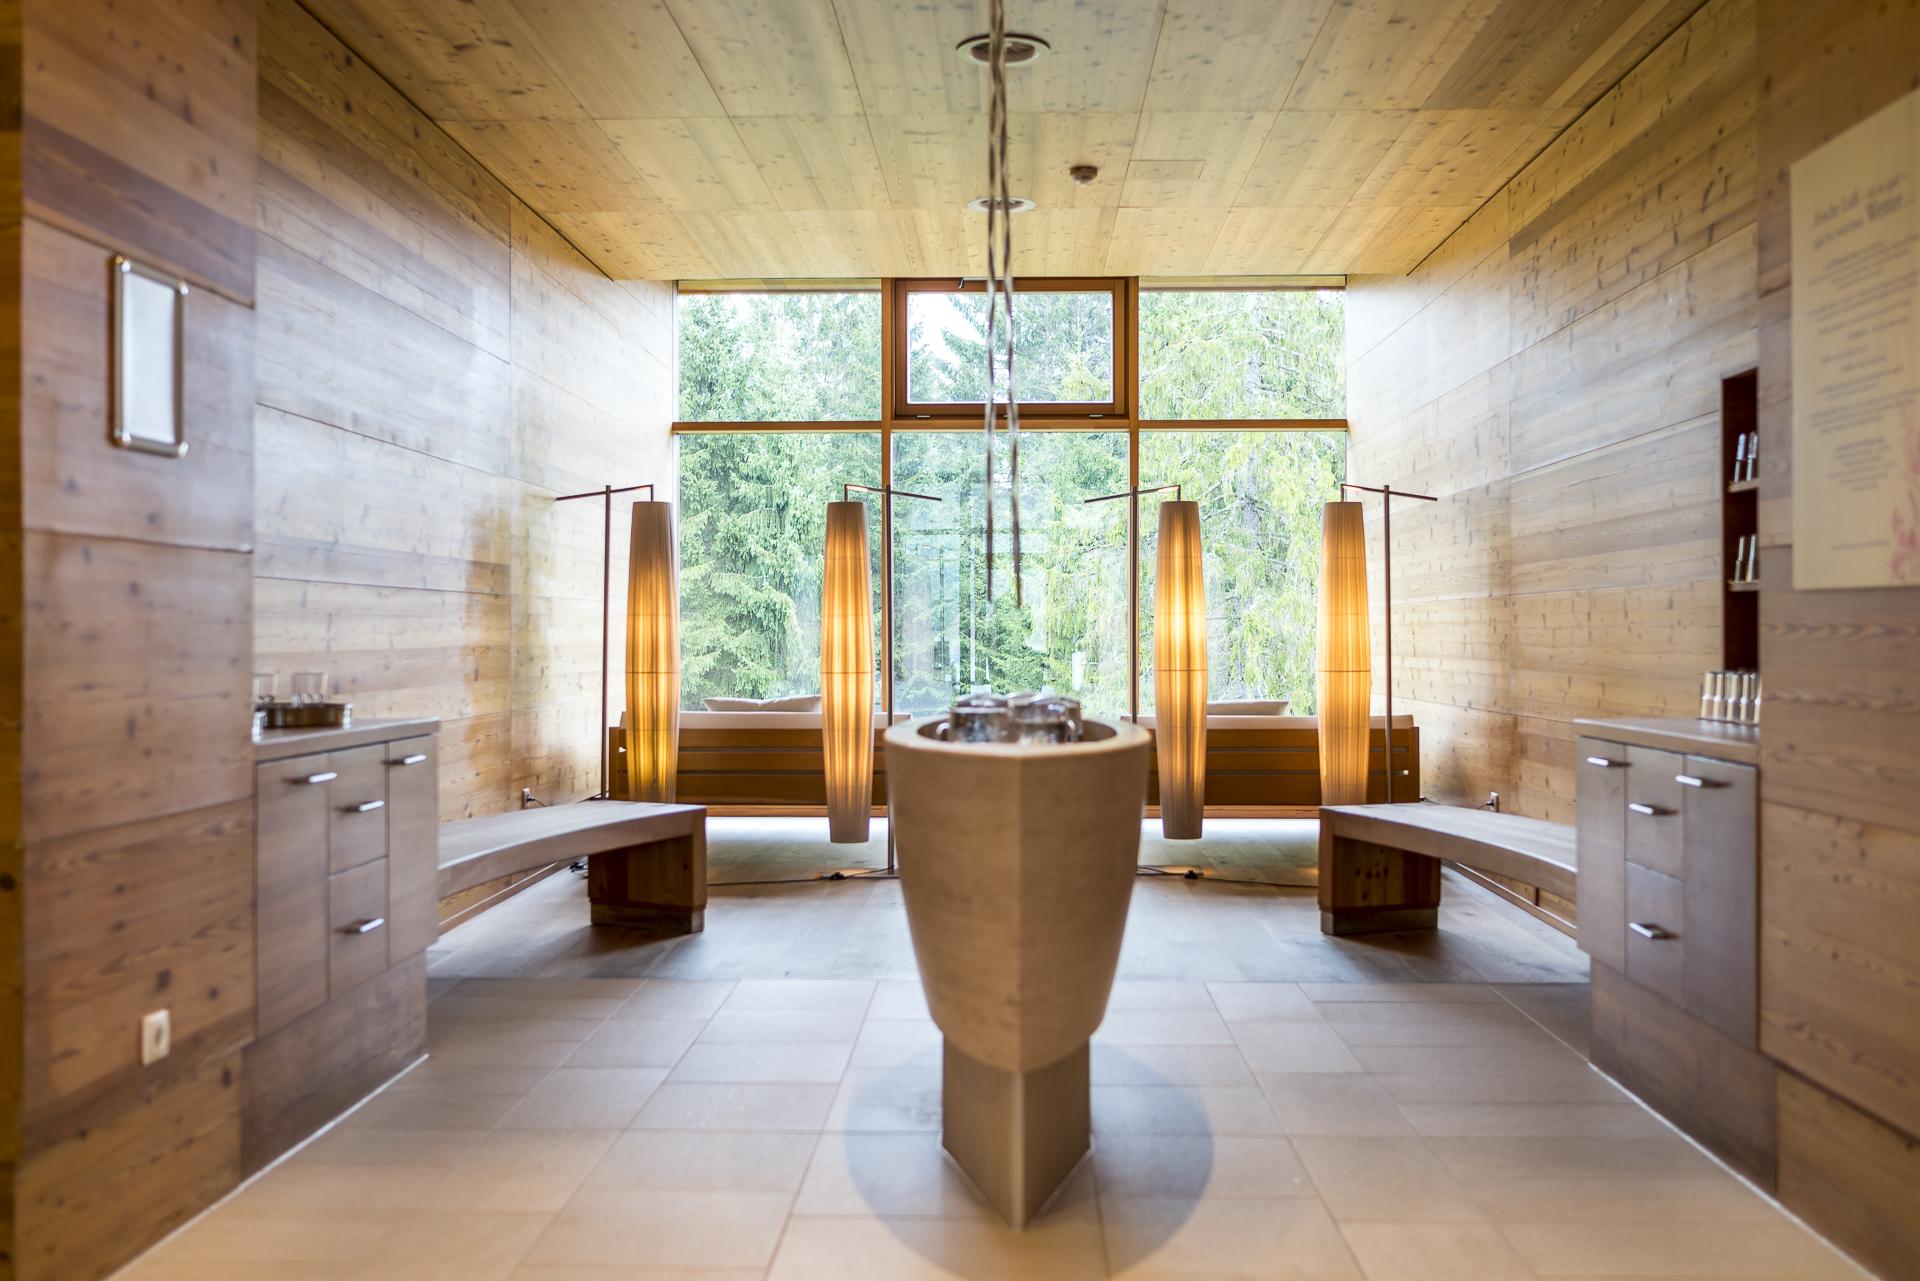 Das Kranzbach Badehaus